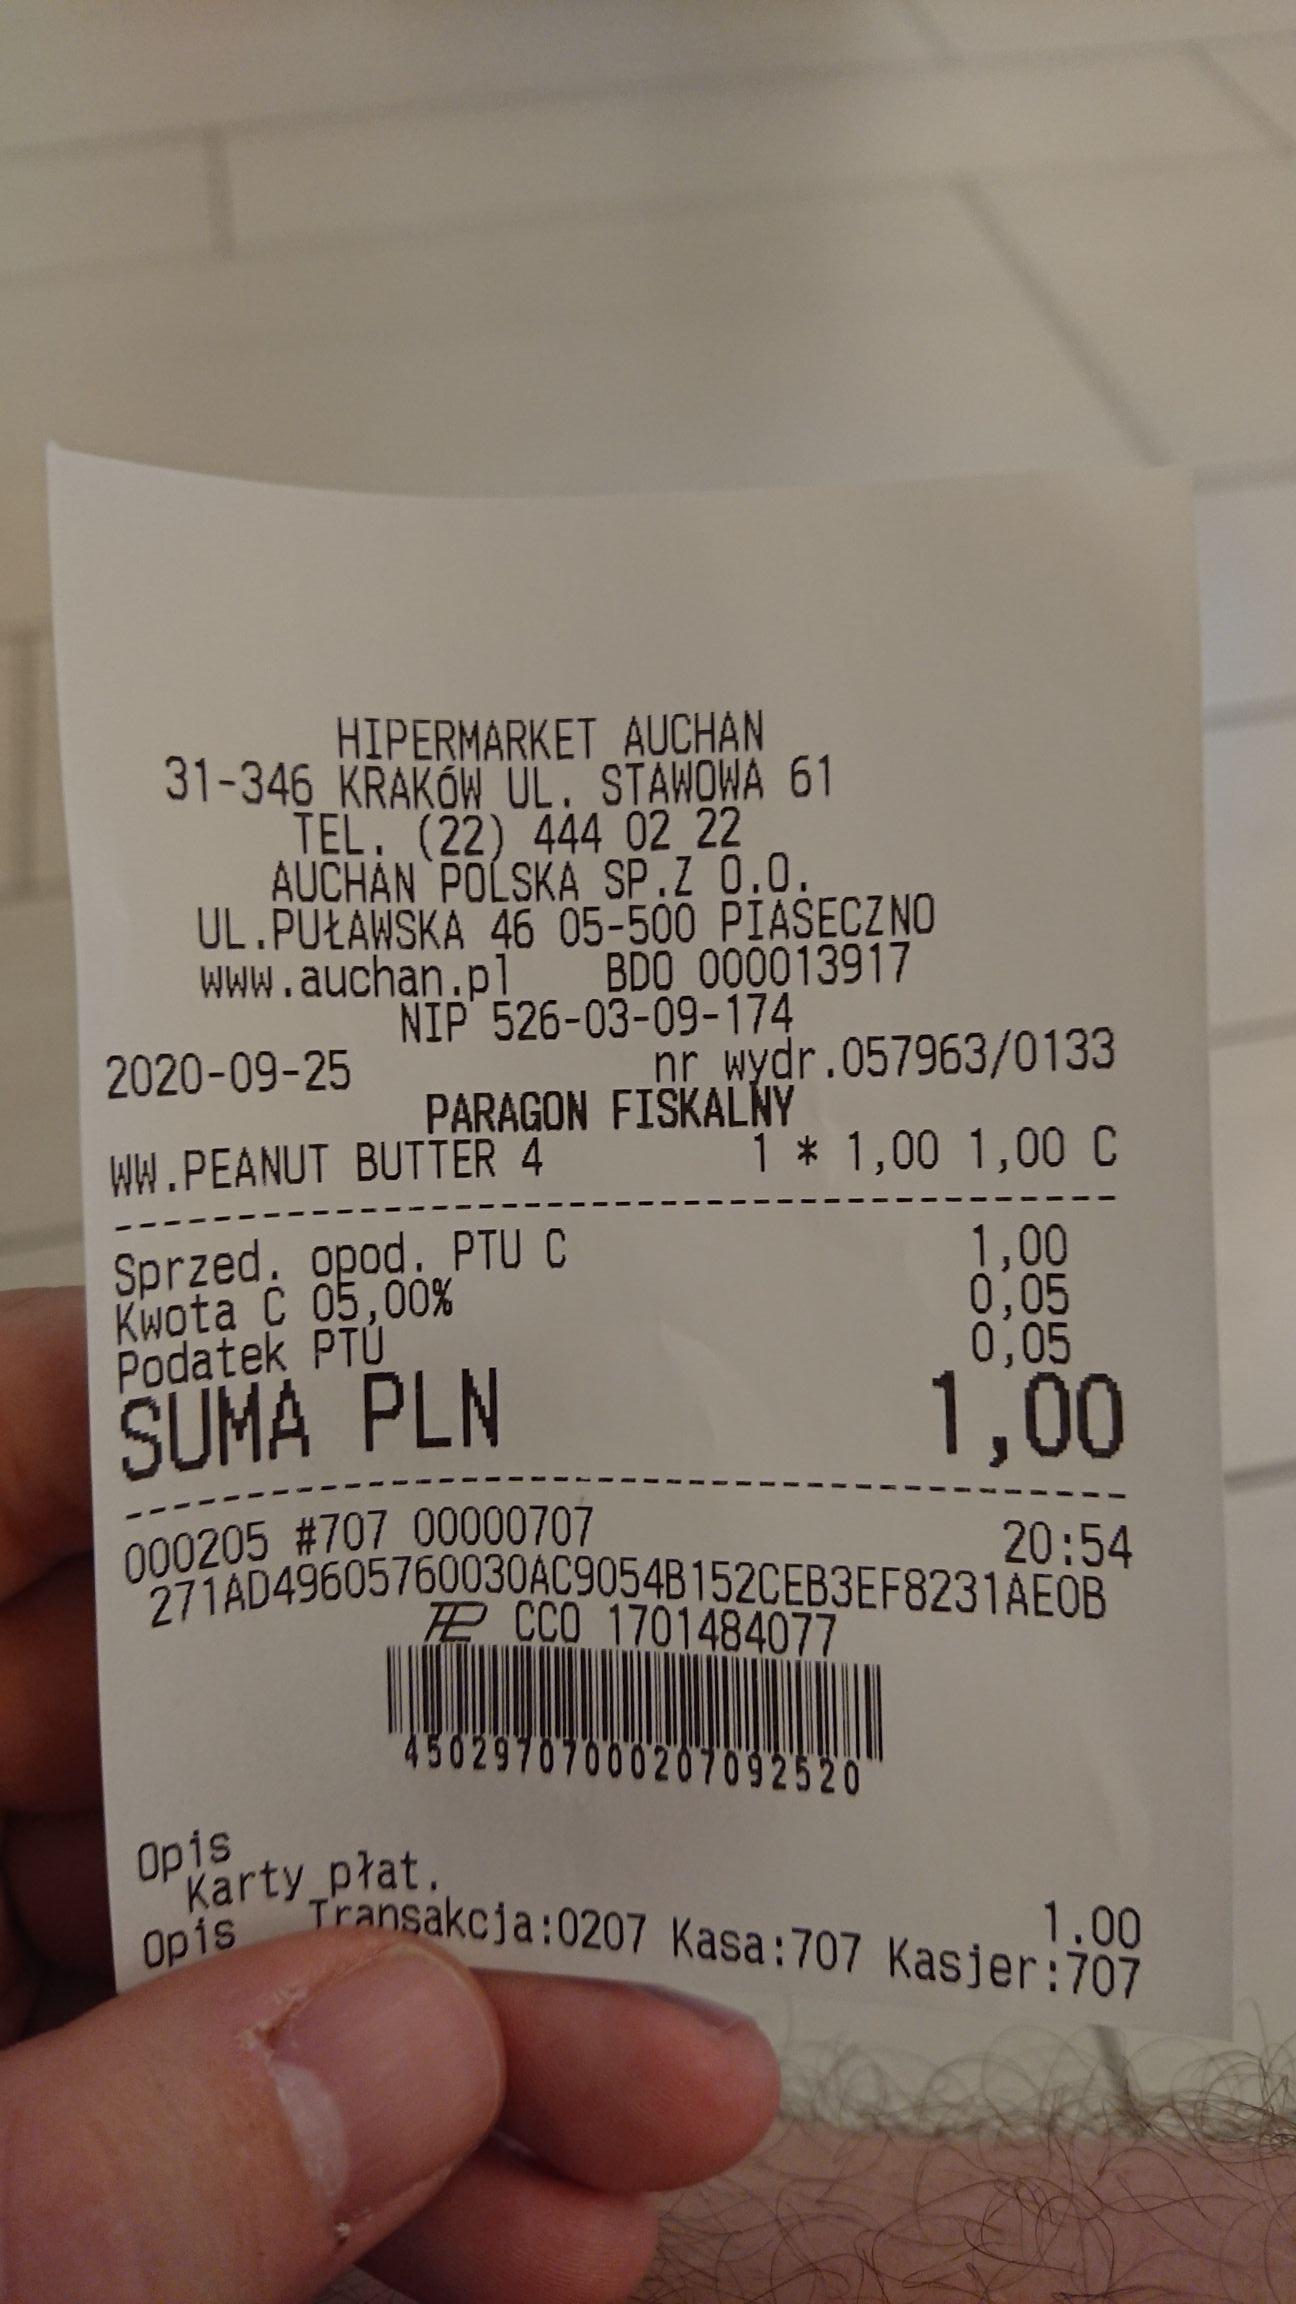 Auchan - Baton Wedel WW Peanut Butter za 1 zł